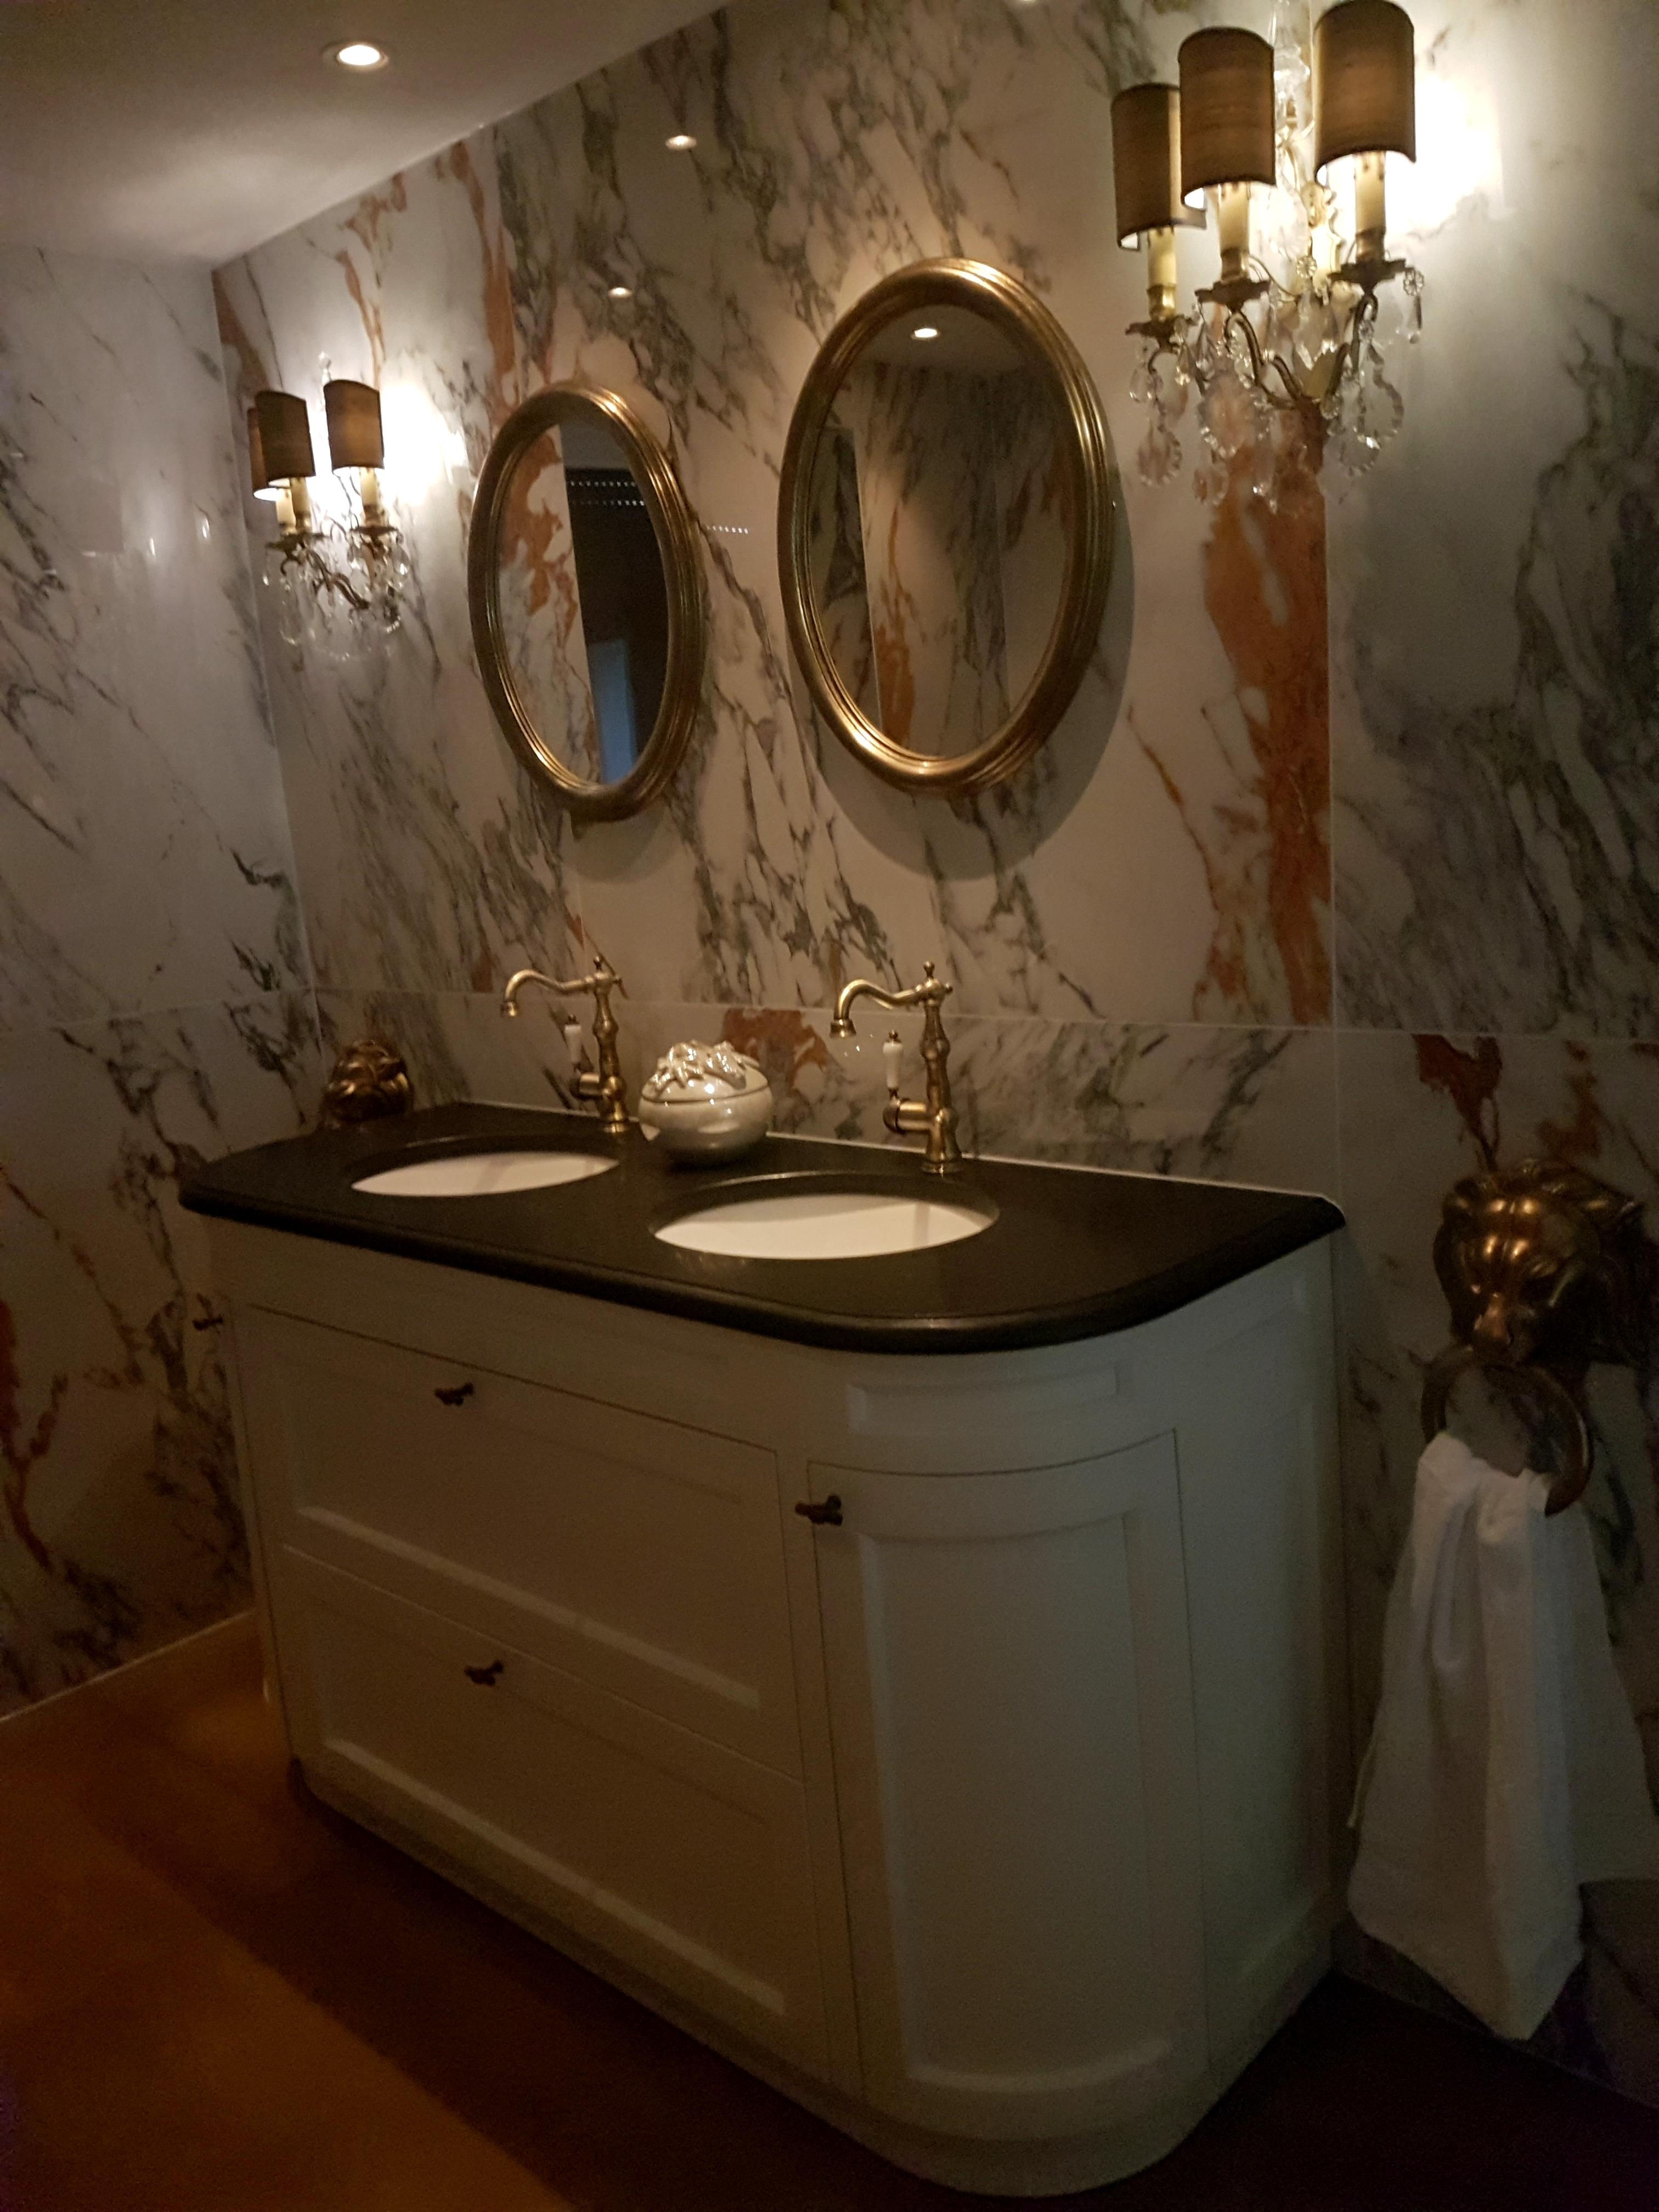 http://foto.barokspiegel.nl/benedetta/Twee-ovale-spiegels-in-badkamer-op-marmer-muur-ovaal-spiegel.jpg